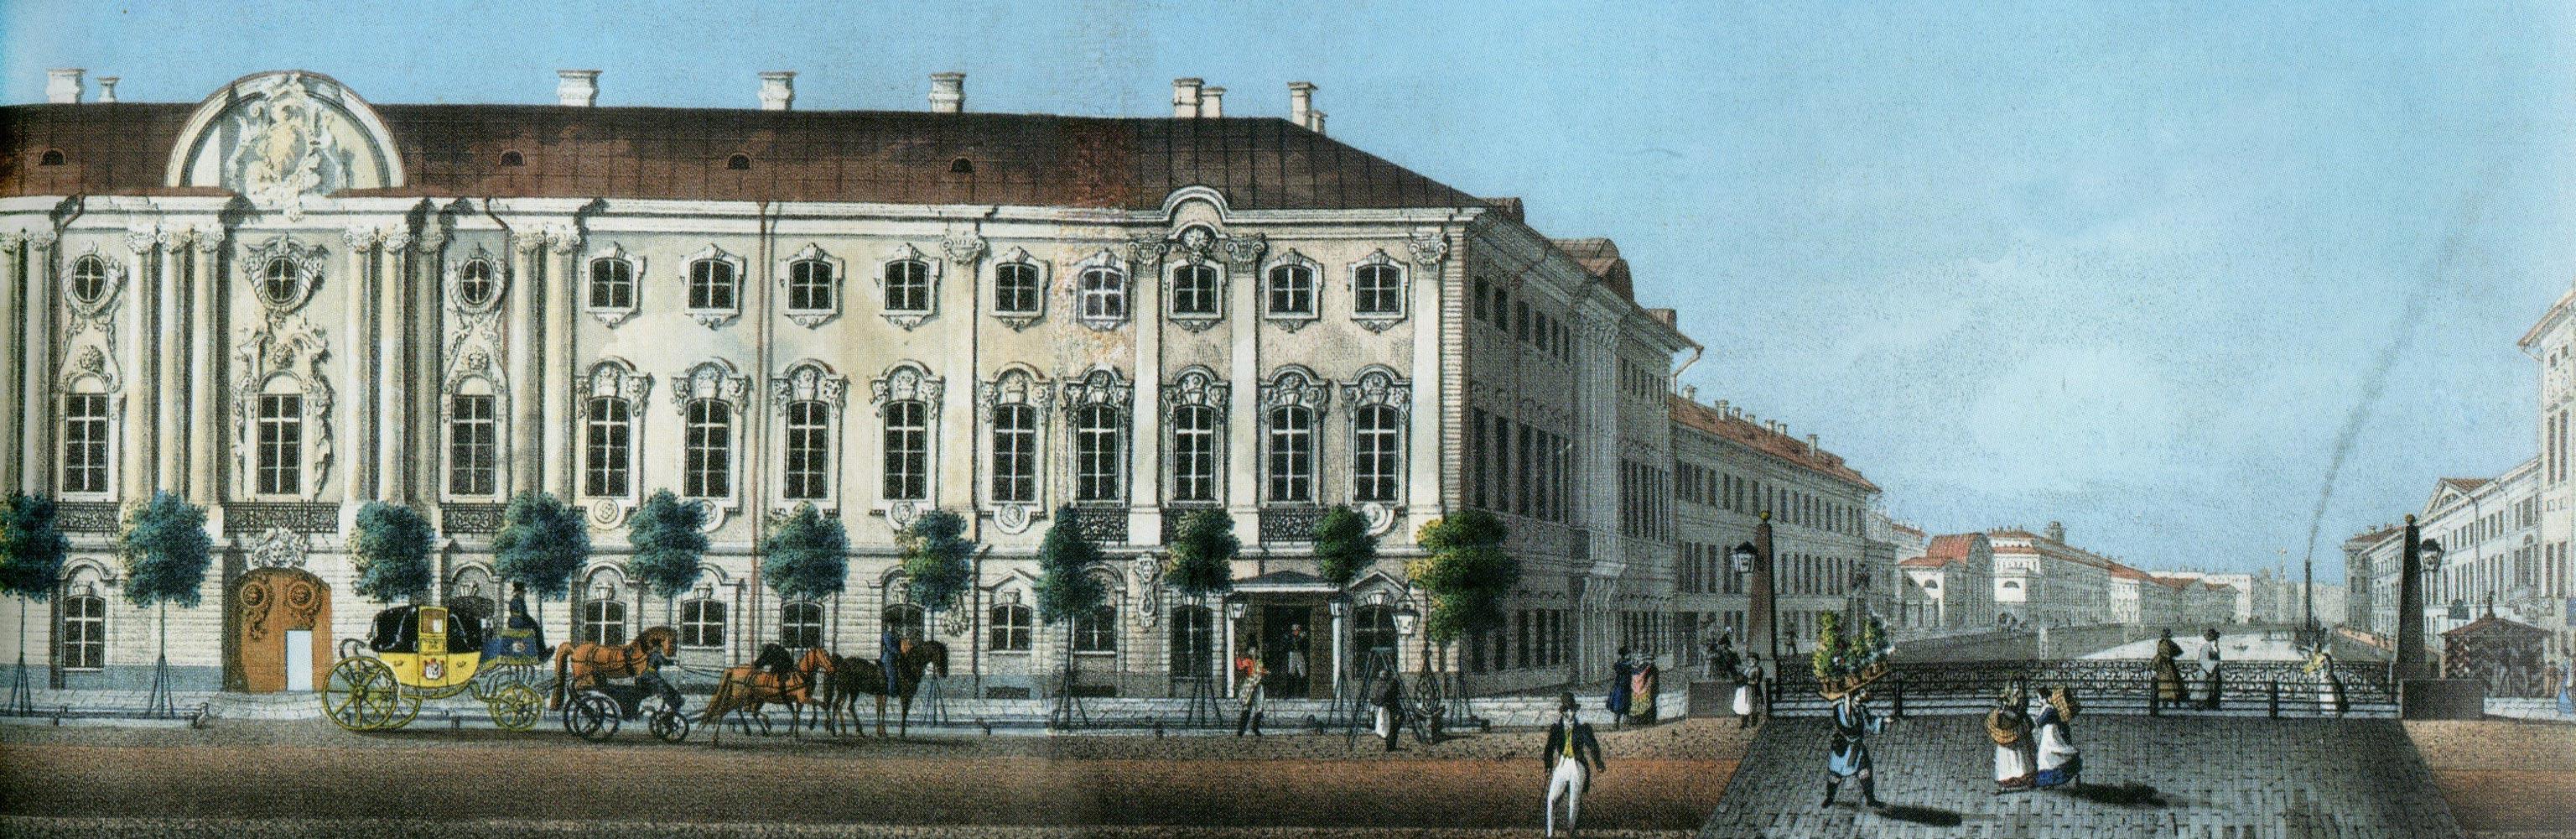 дворец рисунок: